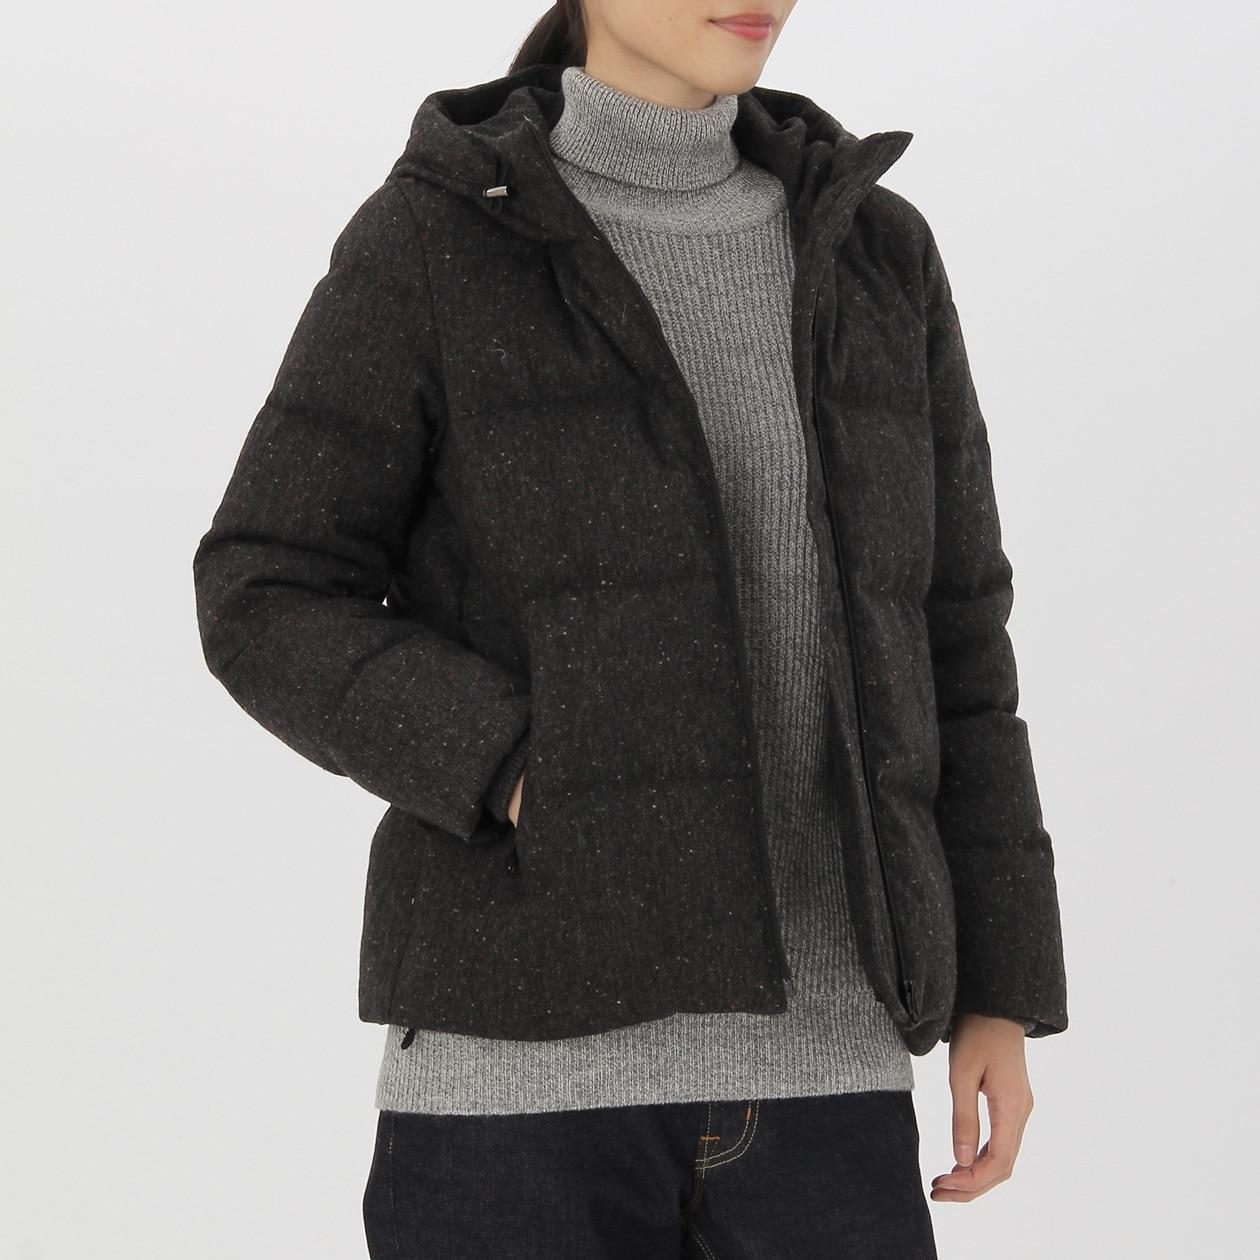 女再生羊毛混法國羽絨外套 深灰L | 無印良品